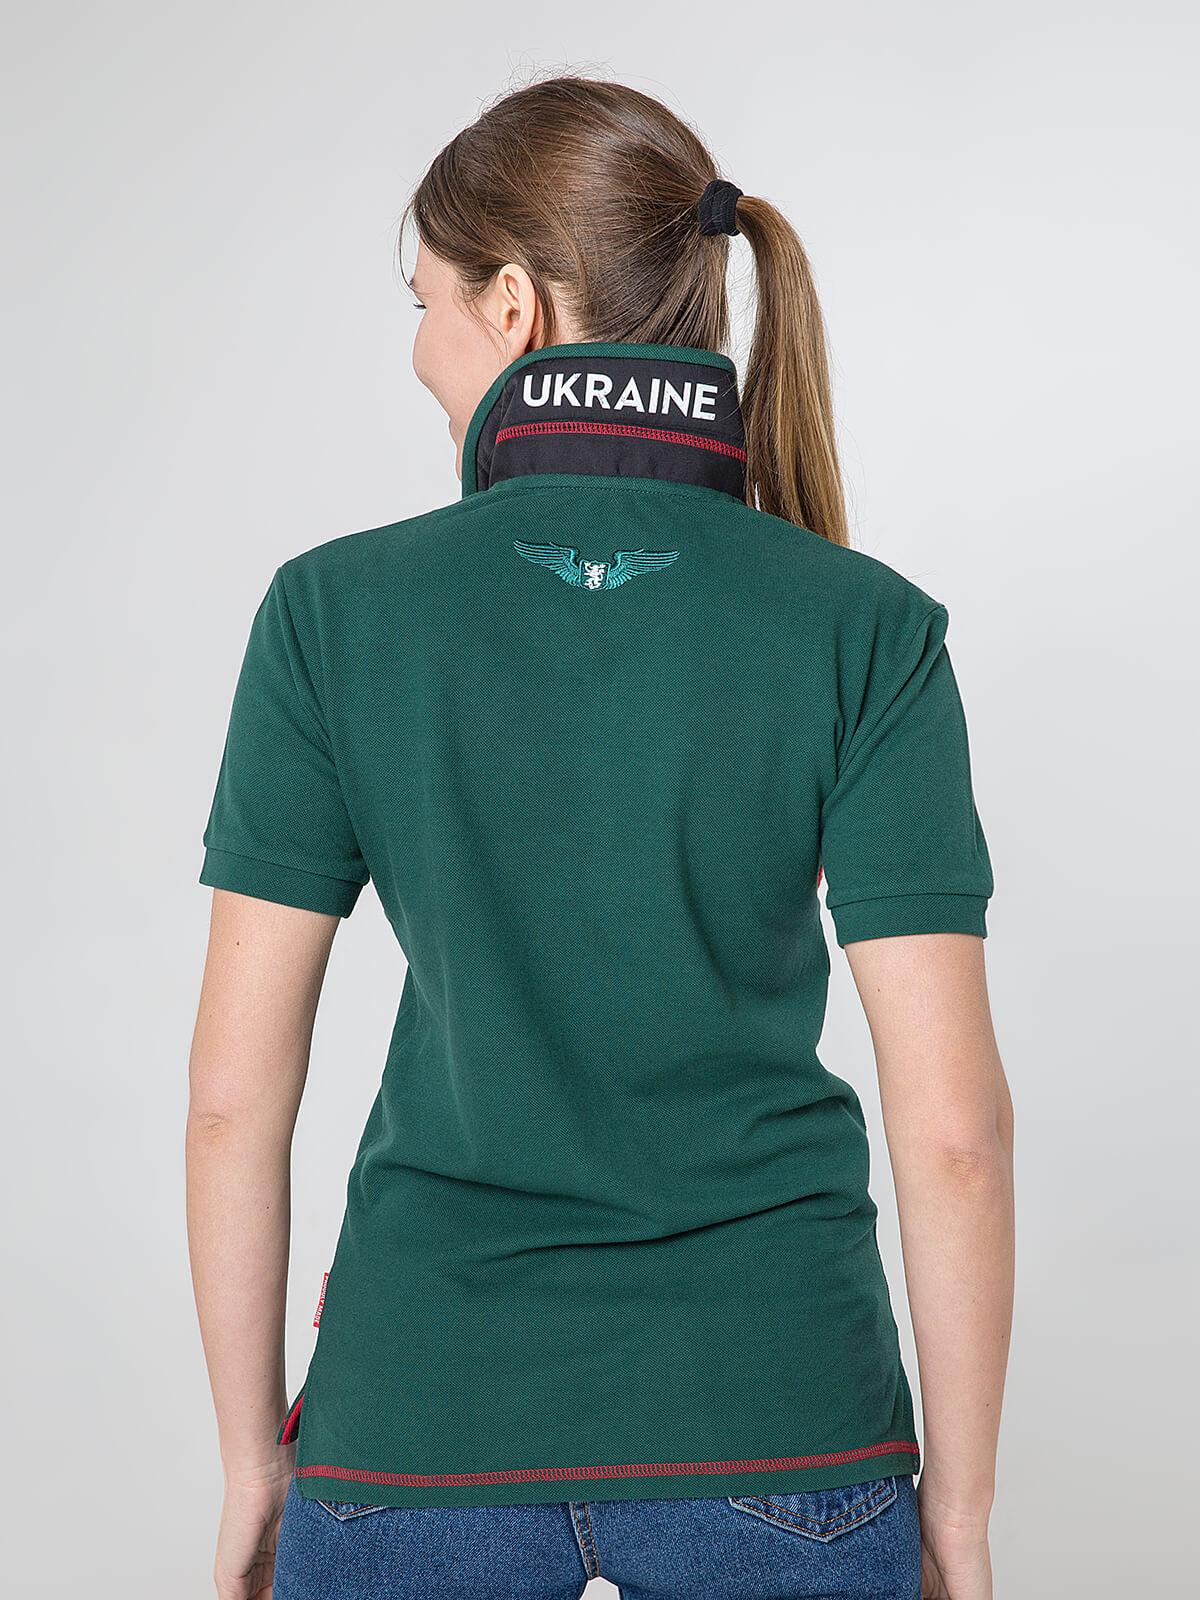 Women's Polo Shirt Wings. Color dark green.  Pique fabric: 100% cotton.